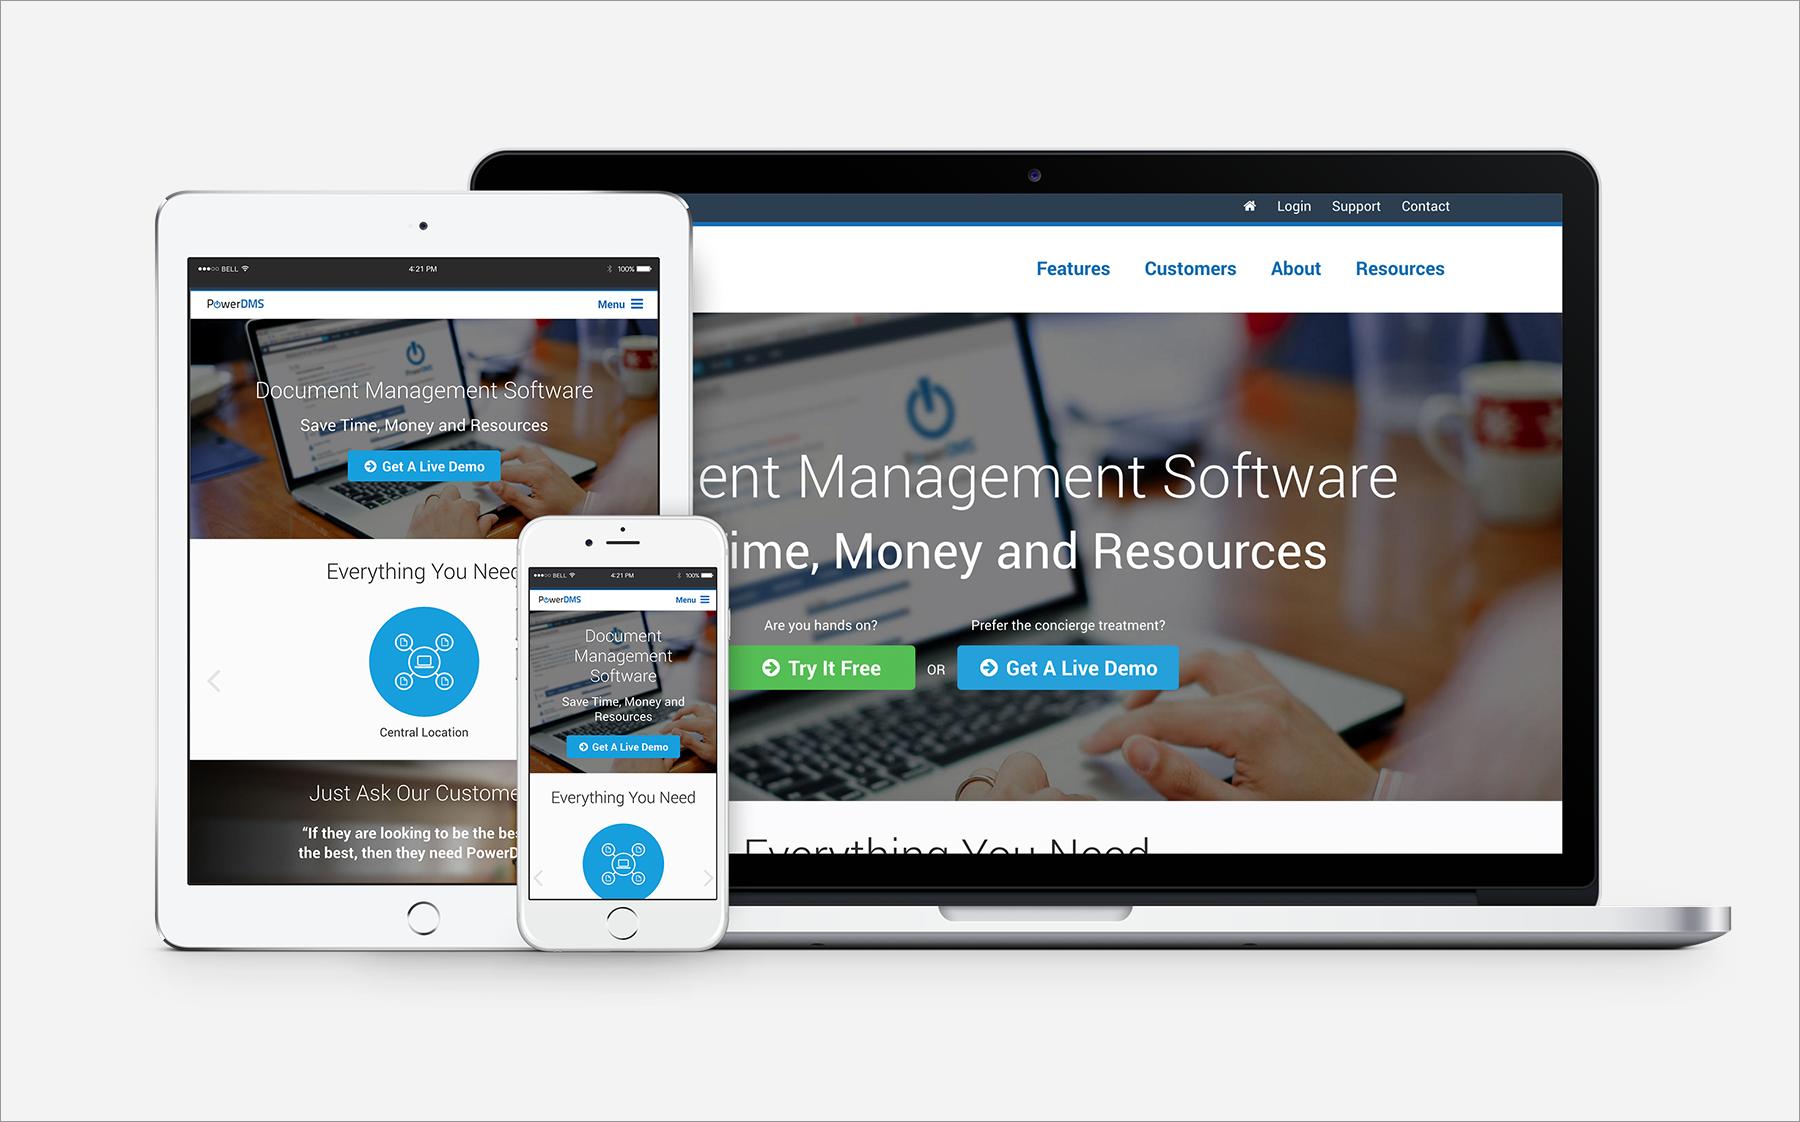 PowerDMS Website